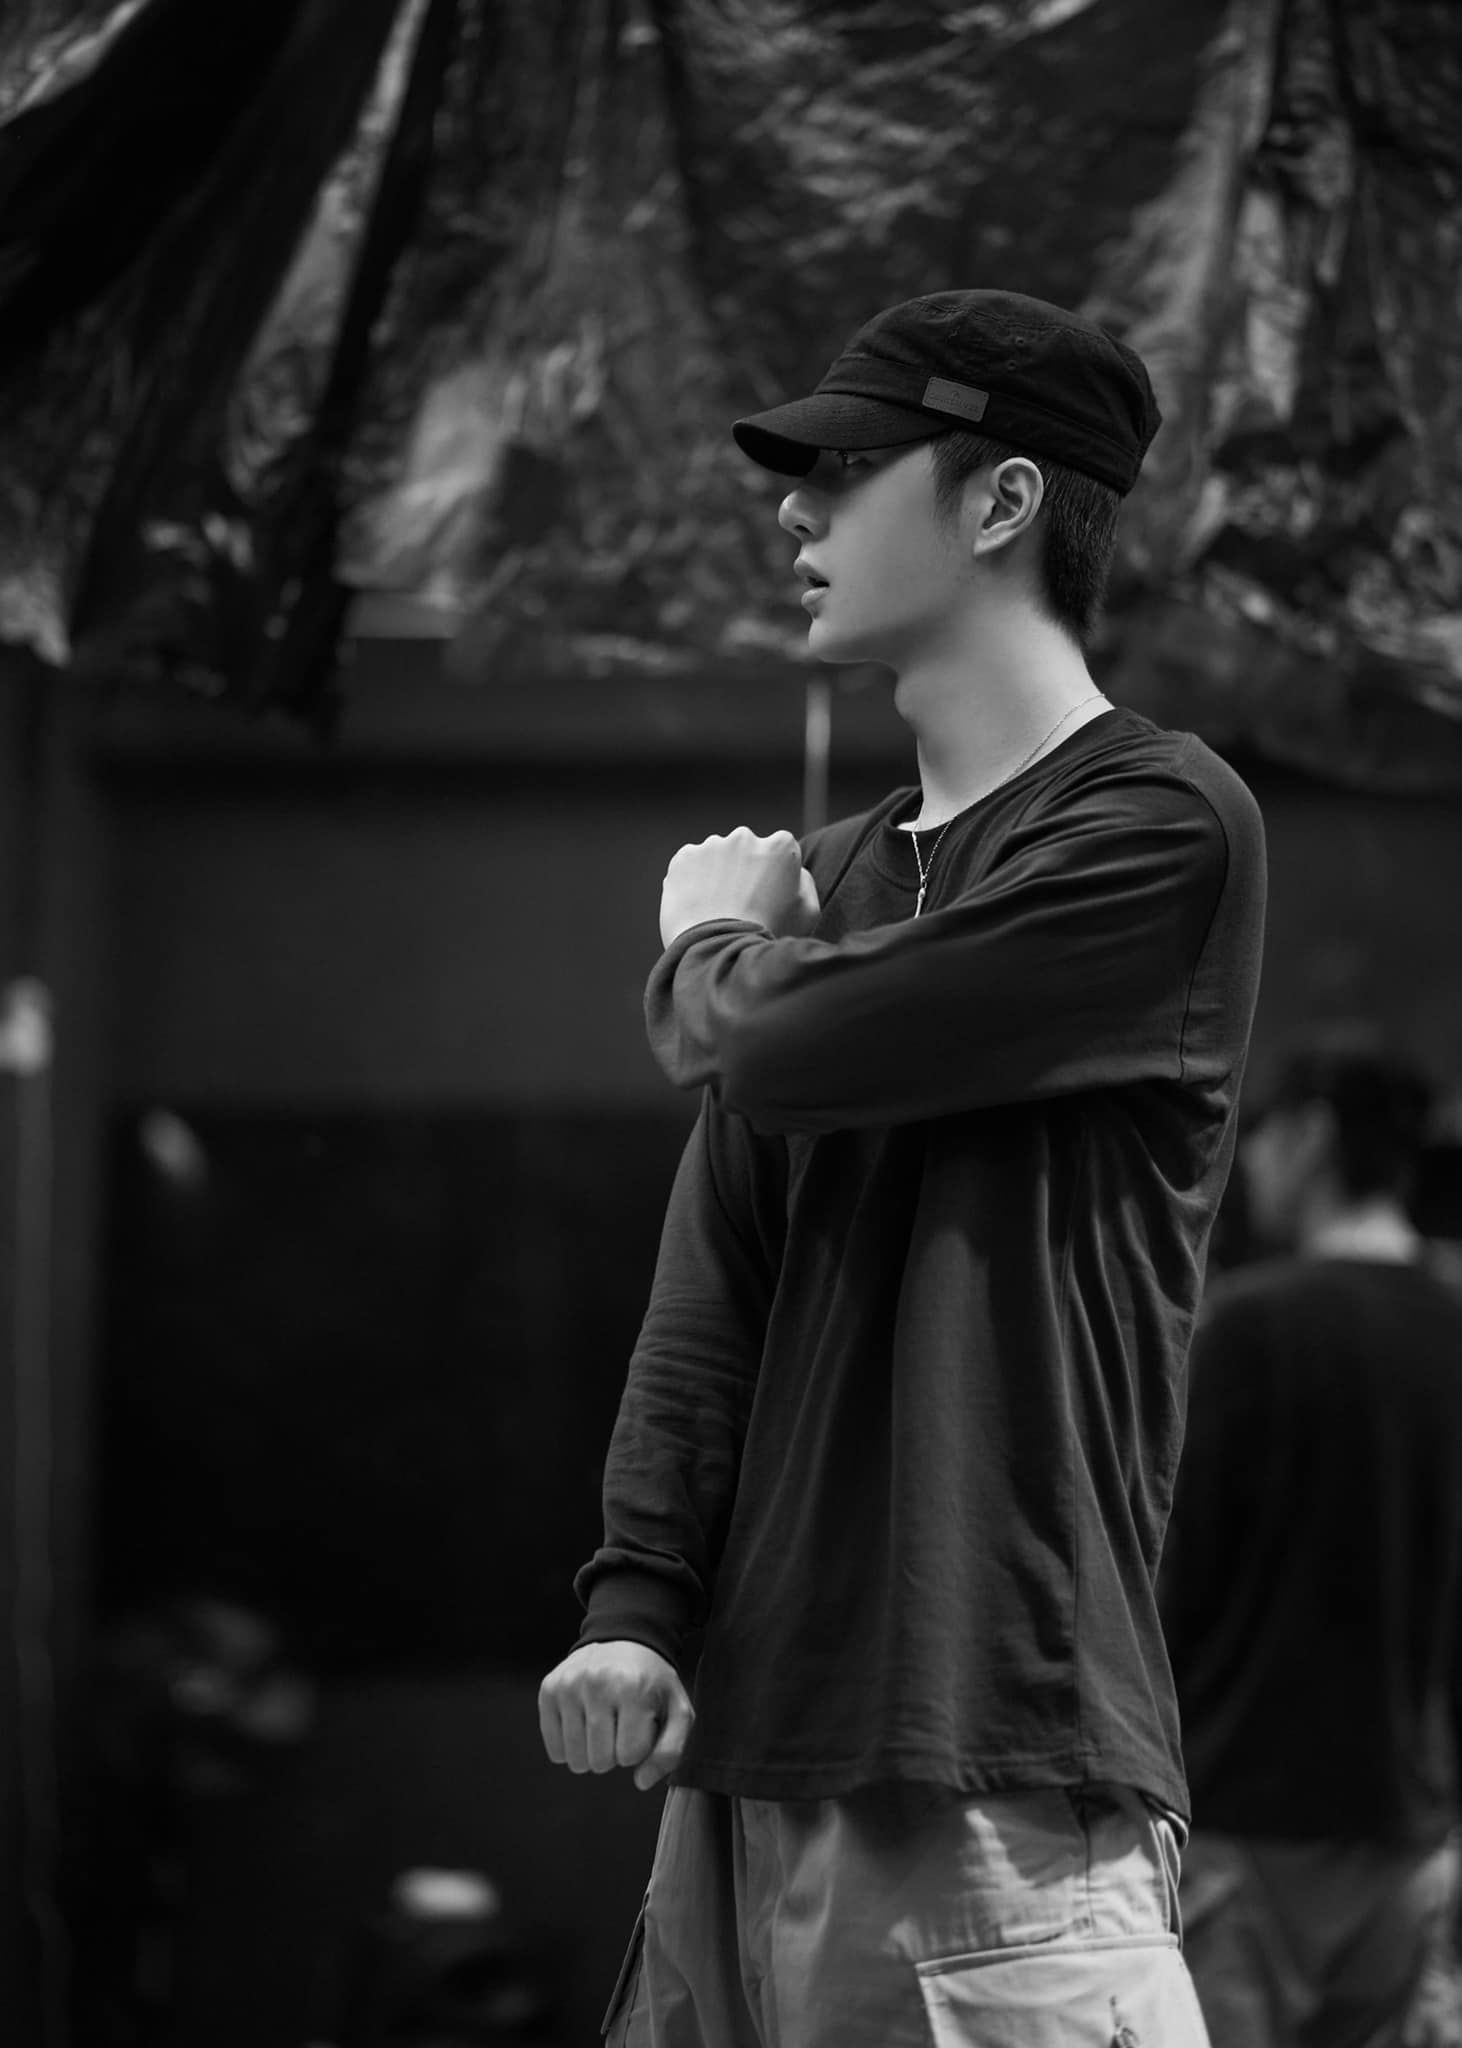 'Thần hip-hop' Diệp Âm: Tài năng của Vương Nhất Bác thật sự đẳng cấp, cậu ấy sẽ thống trị giới dancer 2